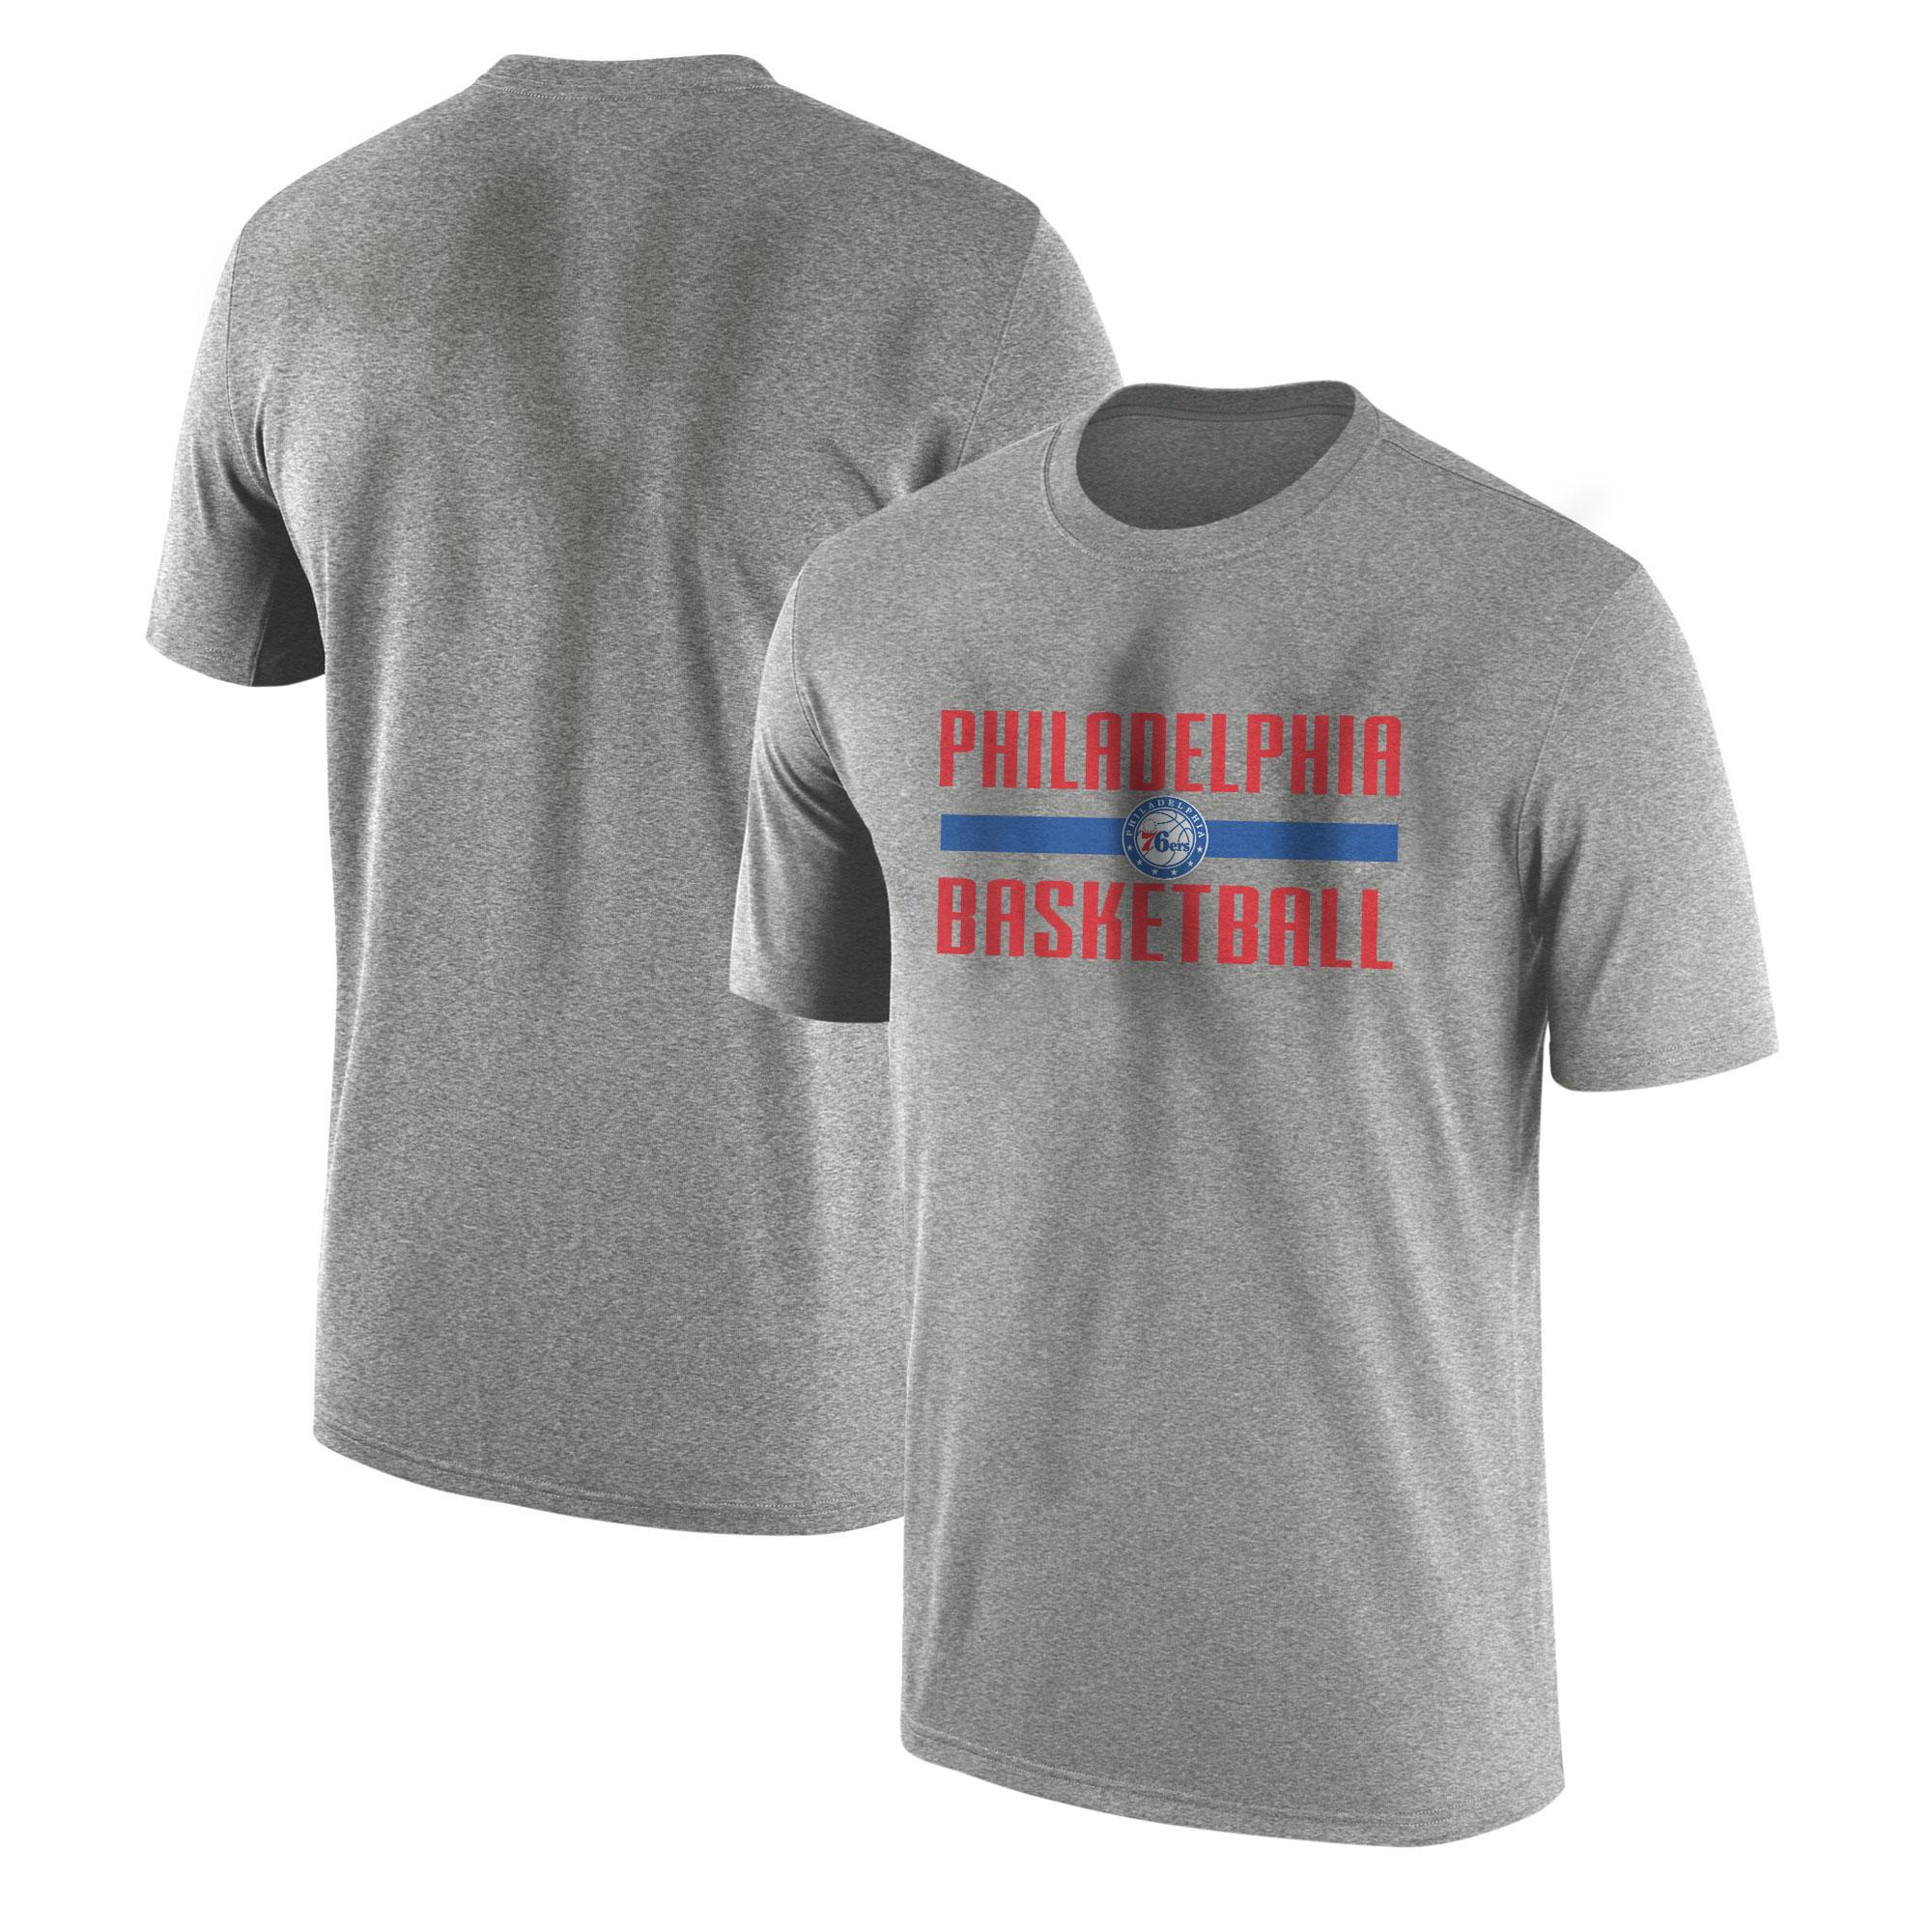 Philadelphia Basketball Tshirt (TSH-GRY-NP-phila.bsktbll-534)